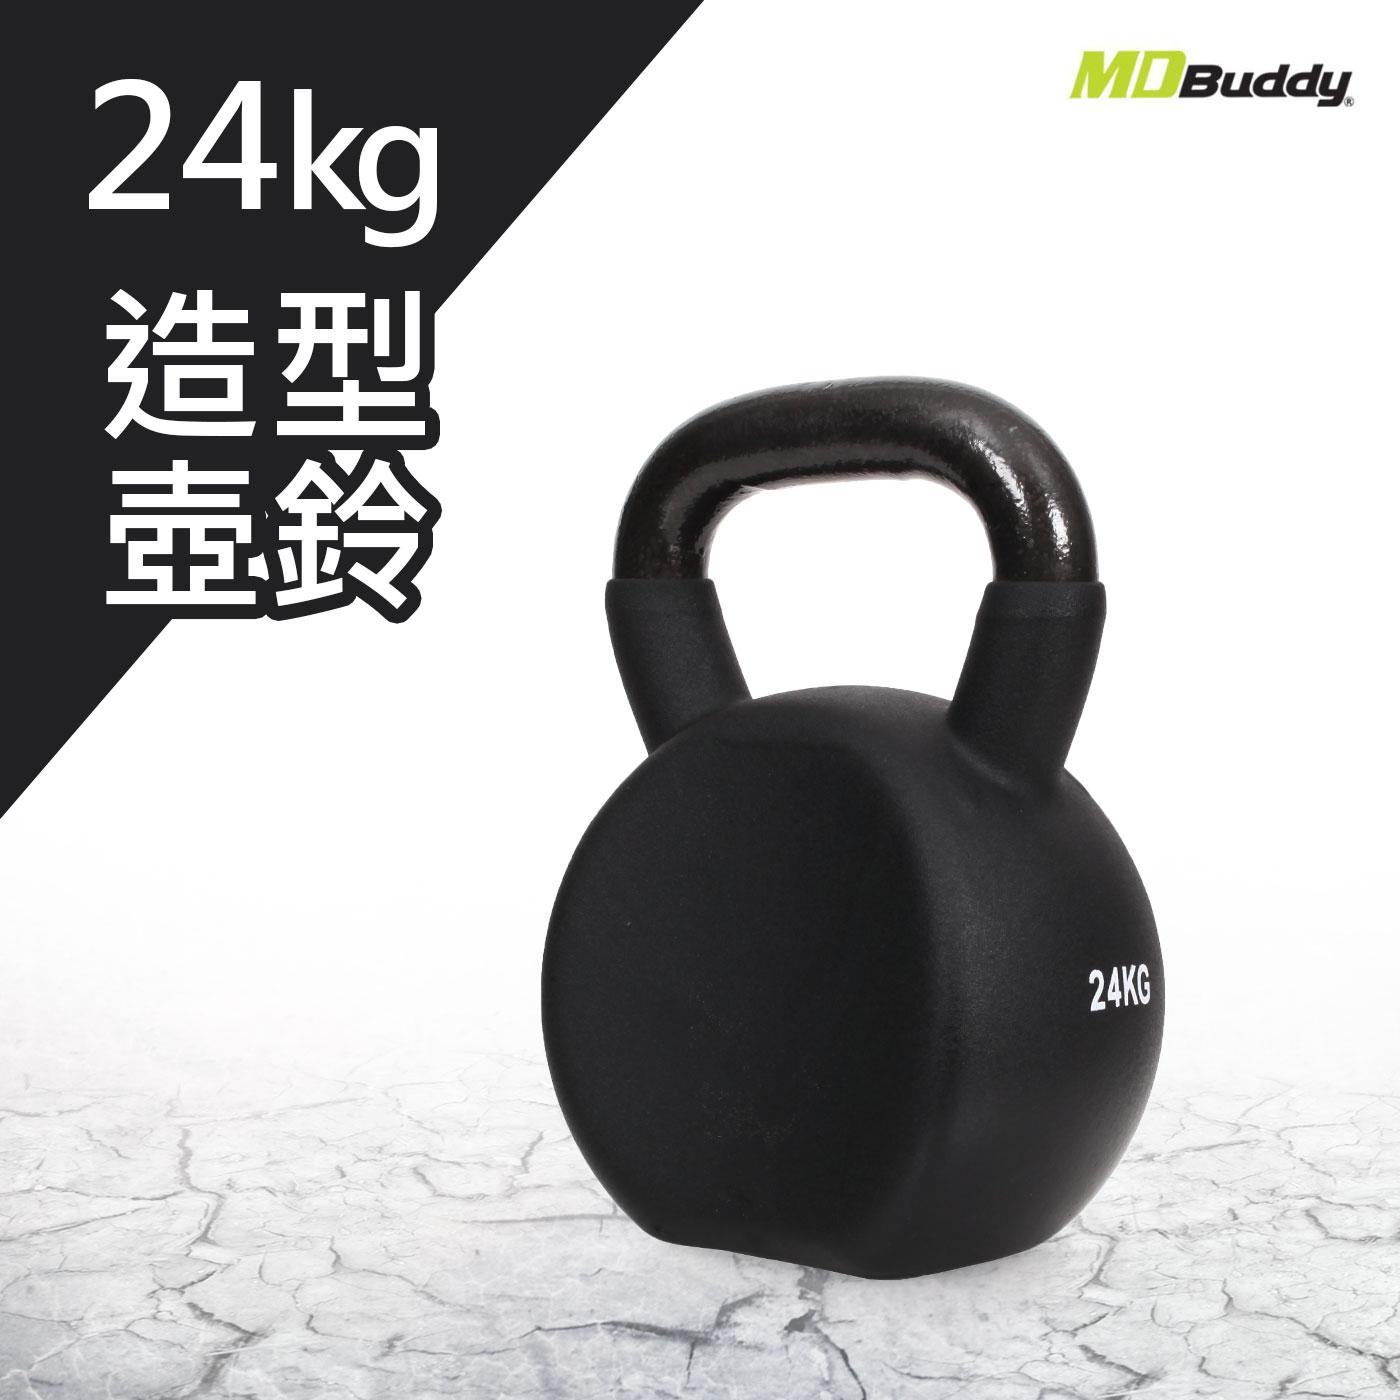 MDBuddy (24KG)造型壺鈴 6024401